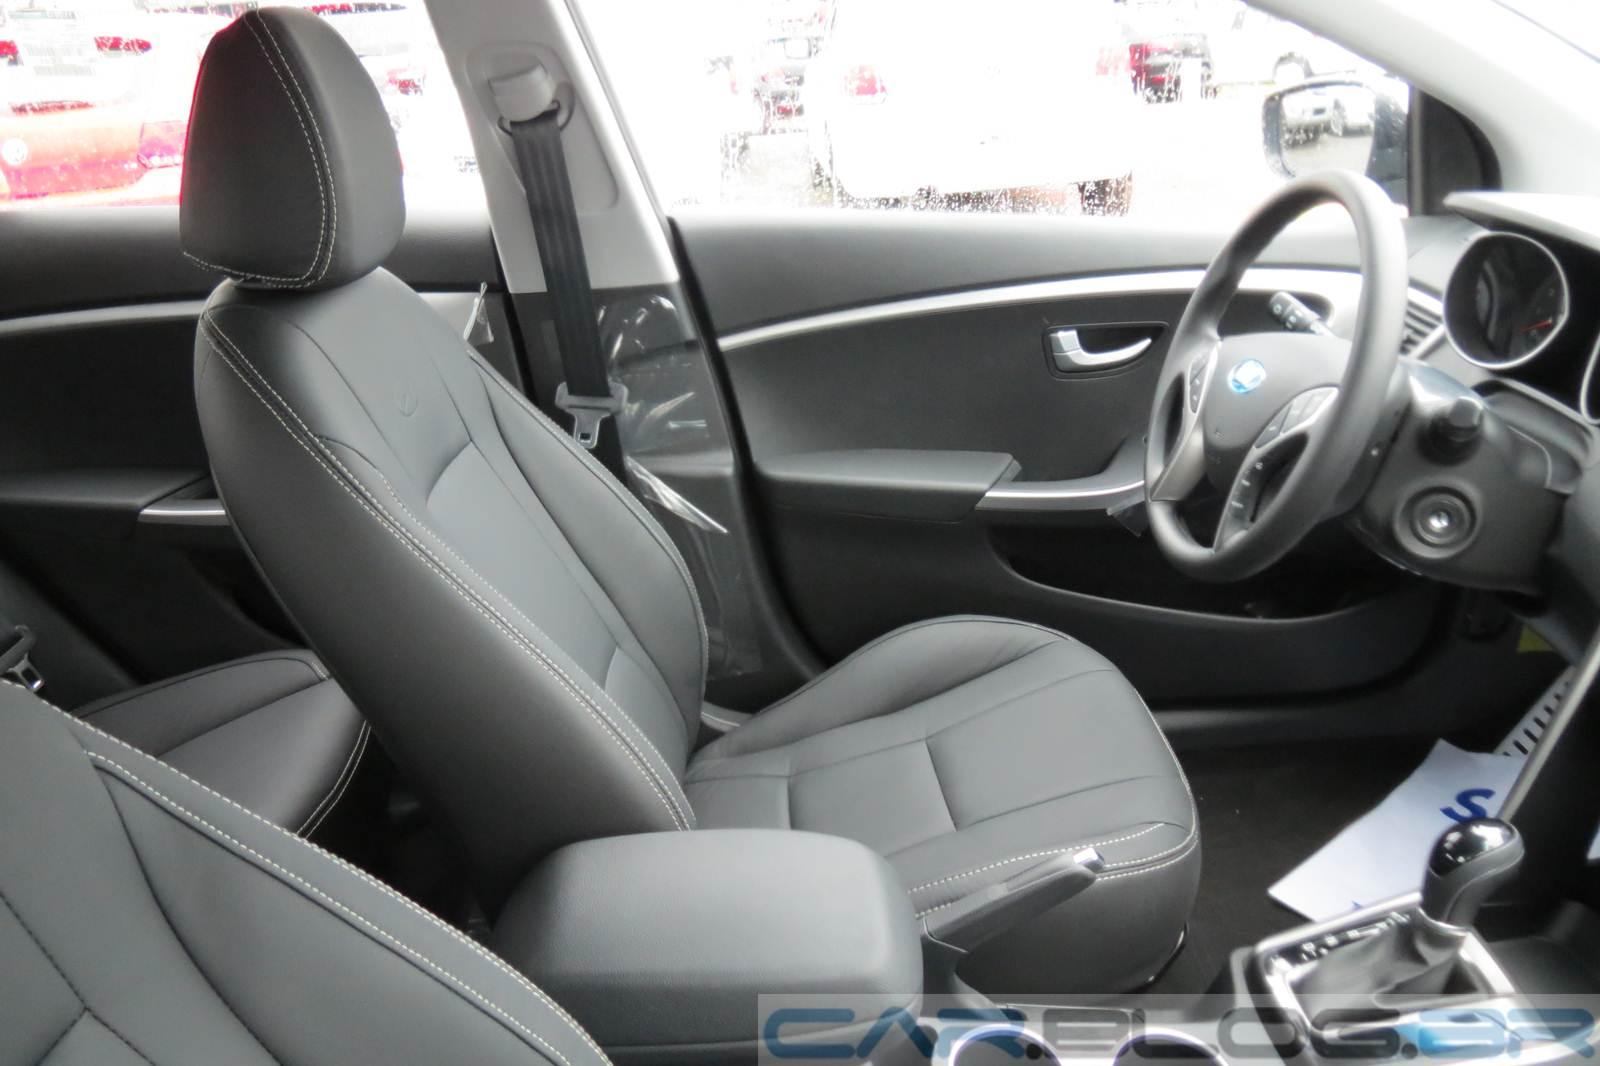 novo Hyundai i30 1.8 2014 - interior